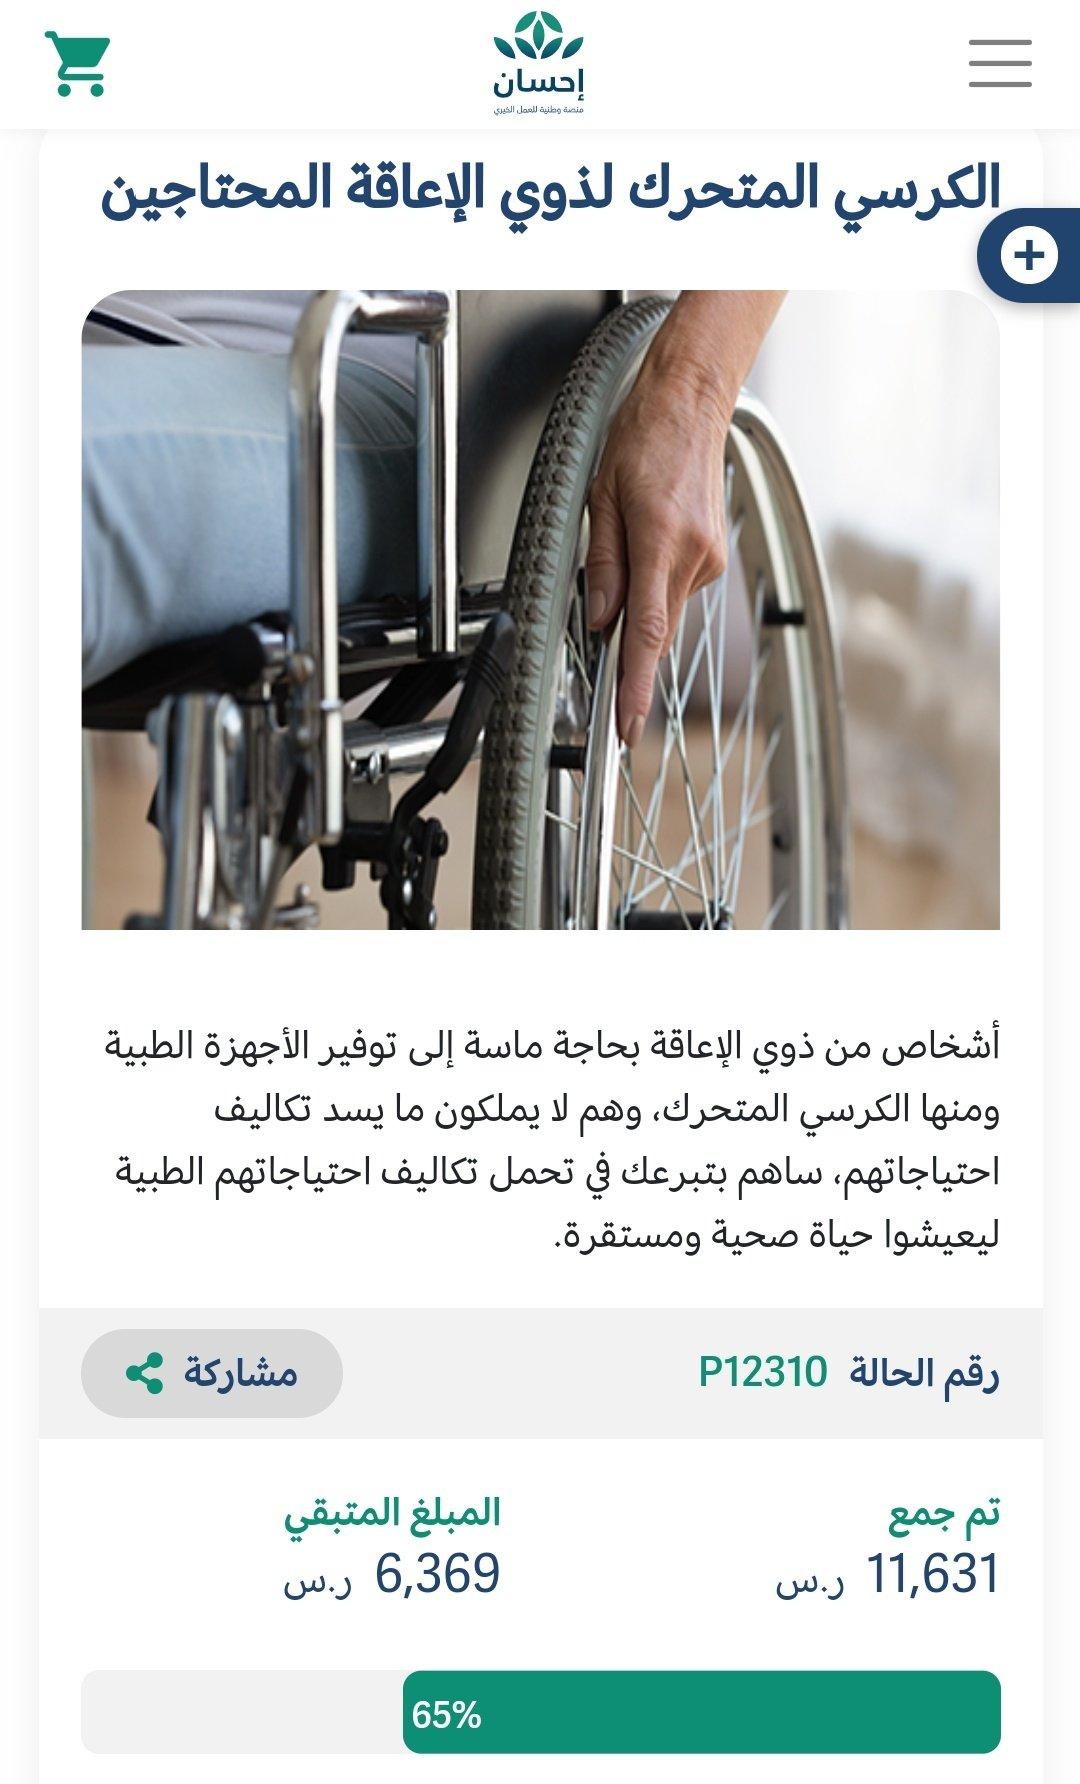 كراسي متحركة لذوي الإعاقة المحتاجين. 163005296778531.jpg